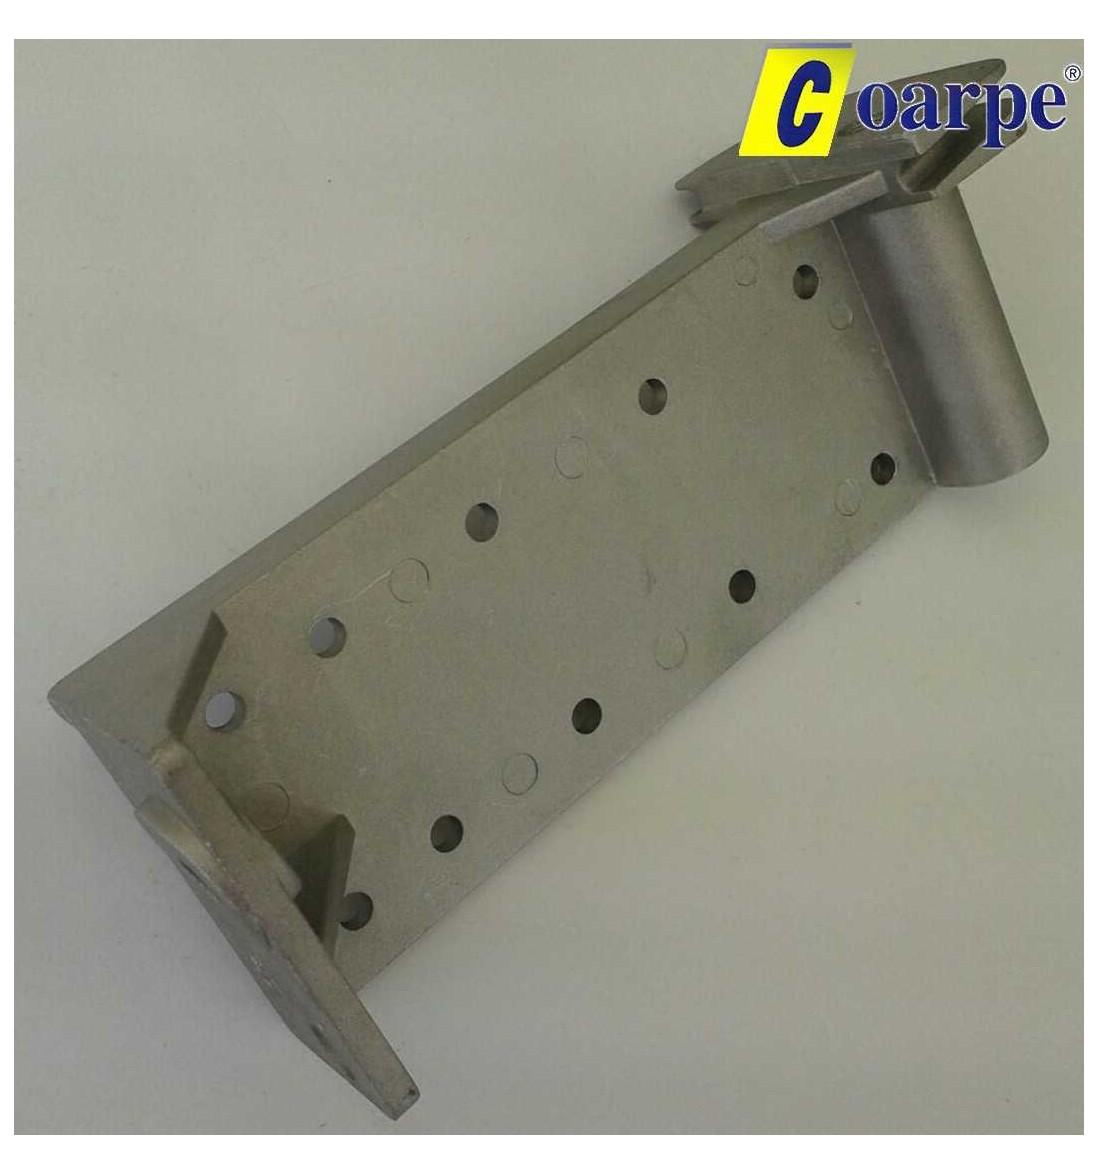 Placa base regulable de aluminio